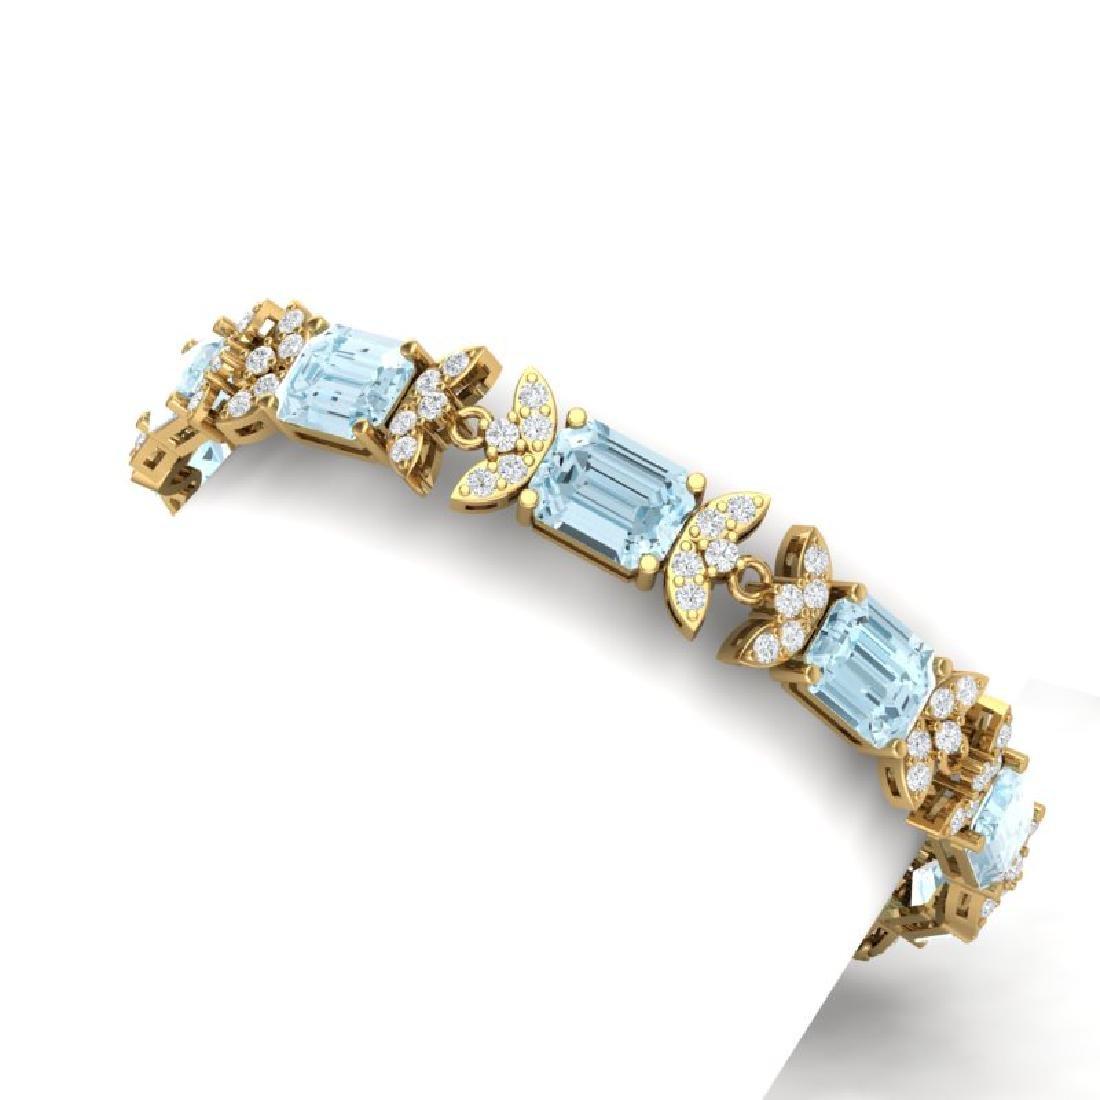 39.65 CTW Royalty Sky Topaz & VS Diamond Bracelet 18K - 2